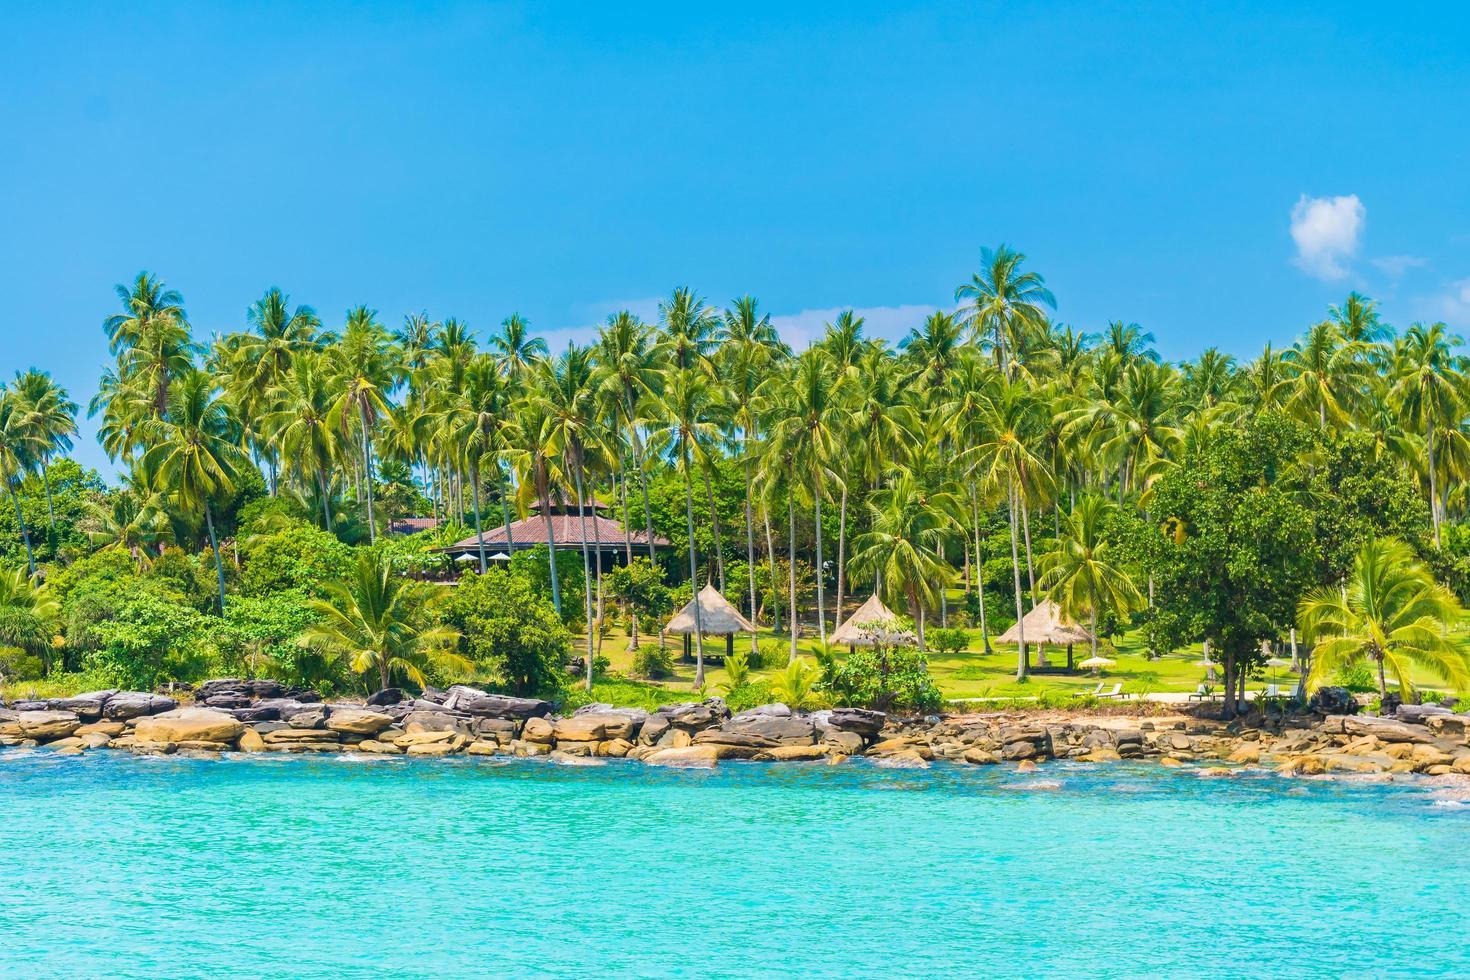 prachtig tropisch strand en zee foto